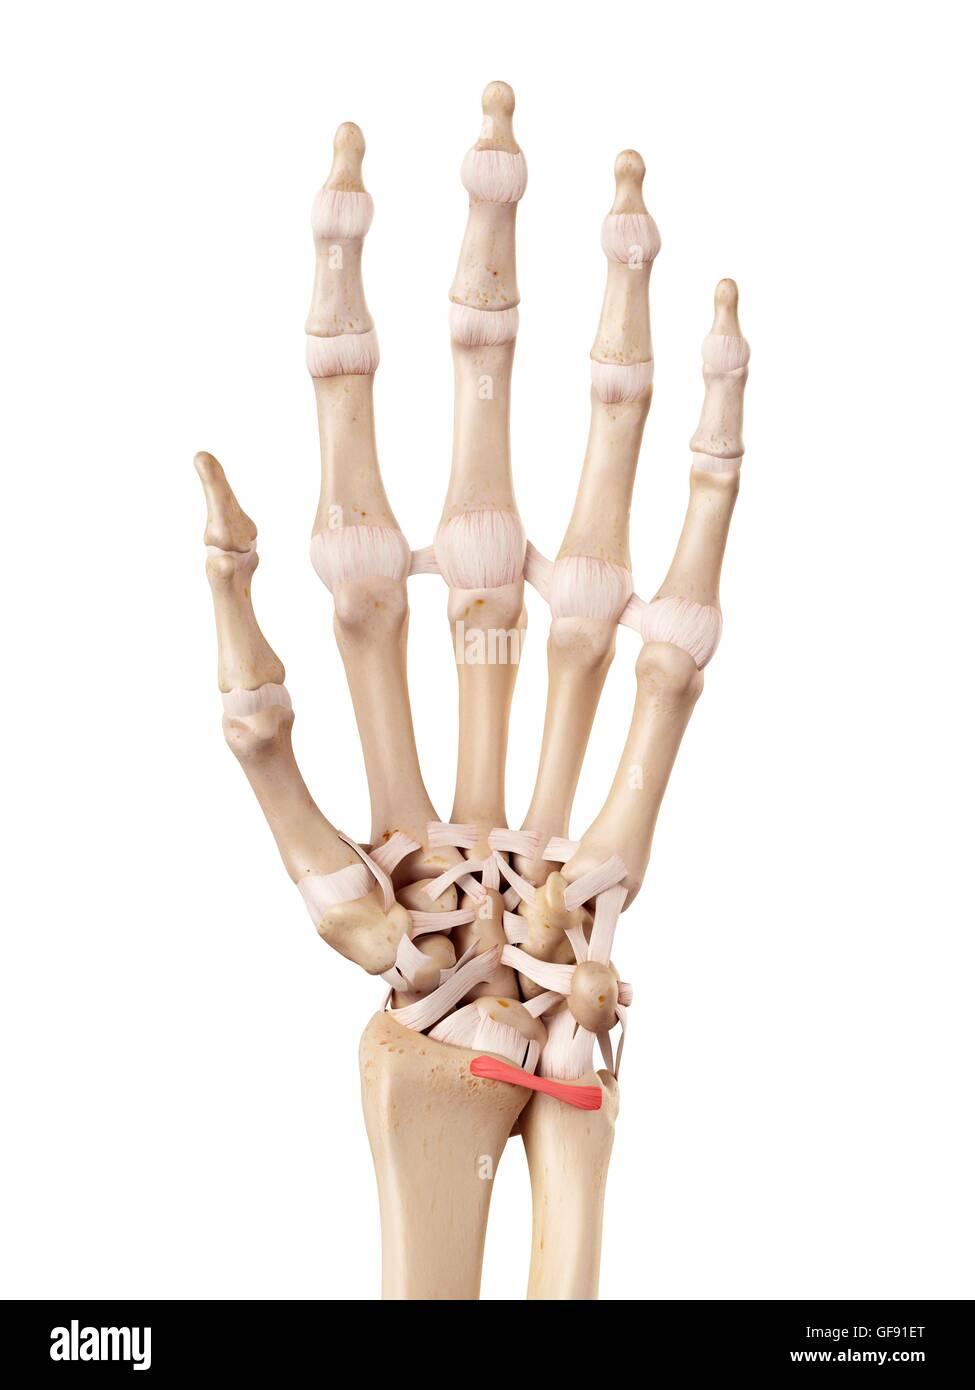 Wunderbar Palmar Hand Anatomie Bilder - Menschliche Anatomie Bilder ...